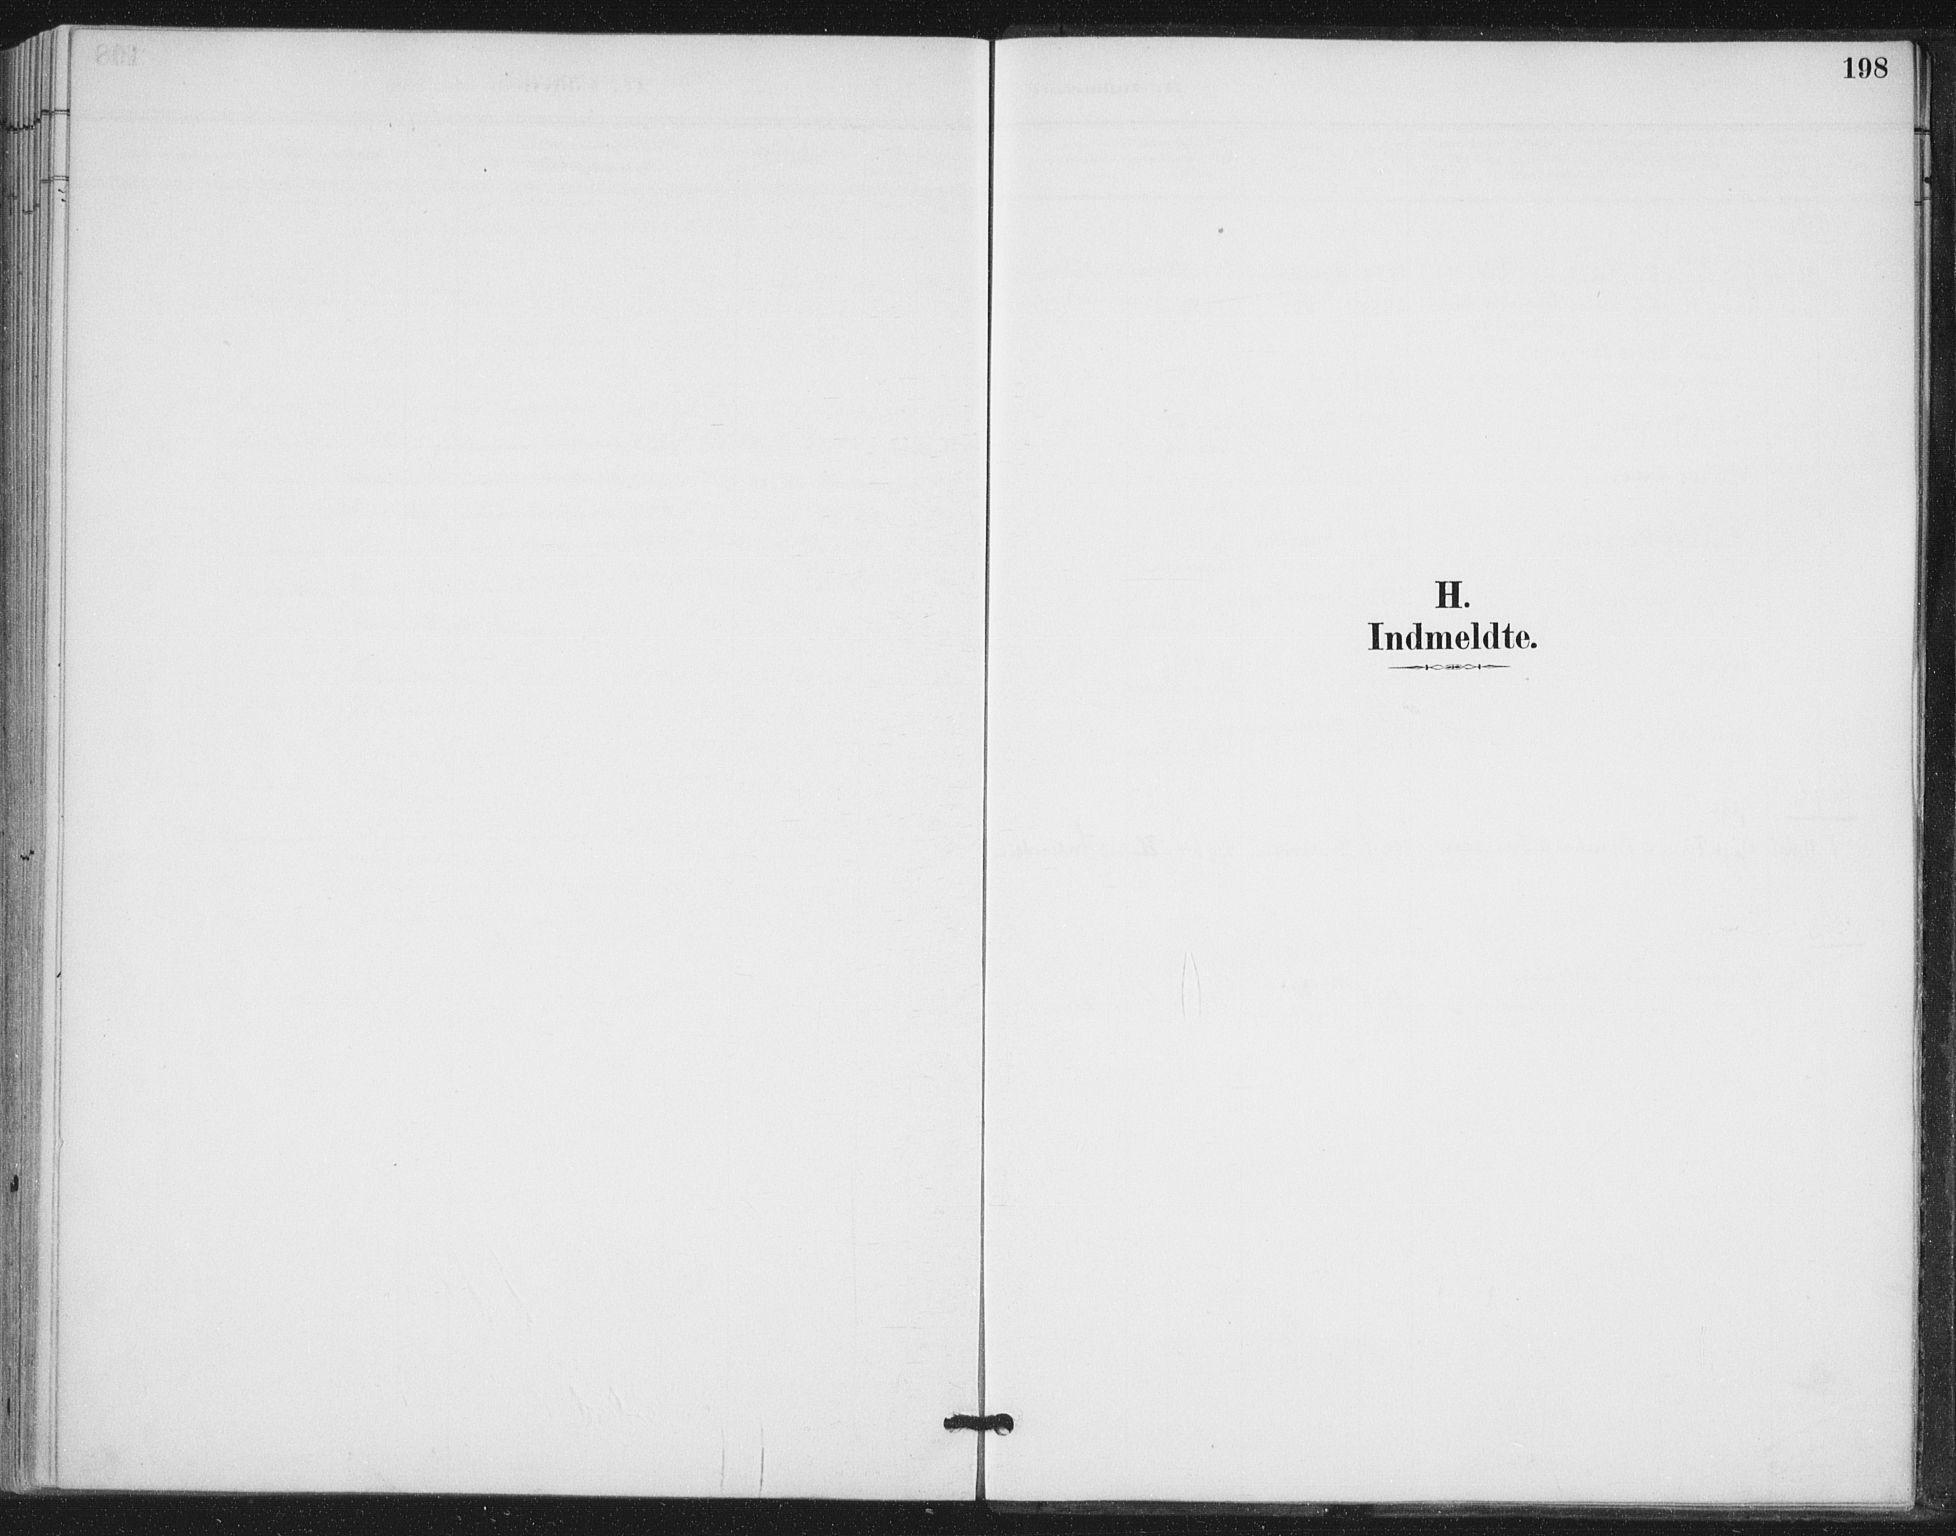 SAT, Ministerialprotokoller, klokkerbøker og fødselsregistre - Nord-Trøndelag, 772/L0603: Ministerialbok nr. 772A01, 1885-1912, s. 198